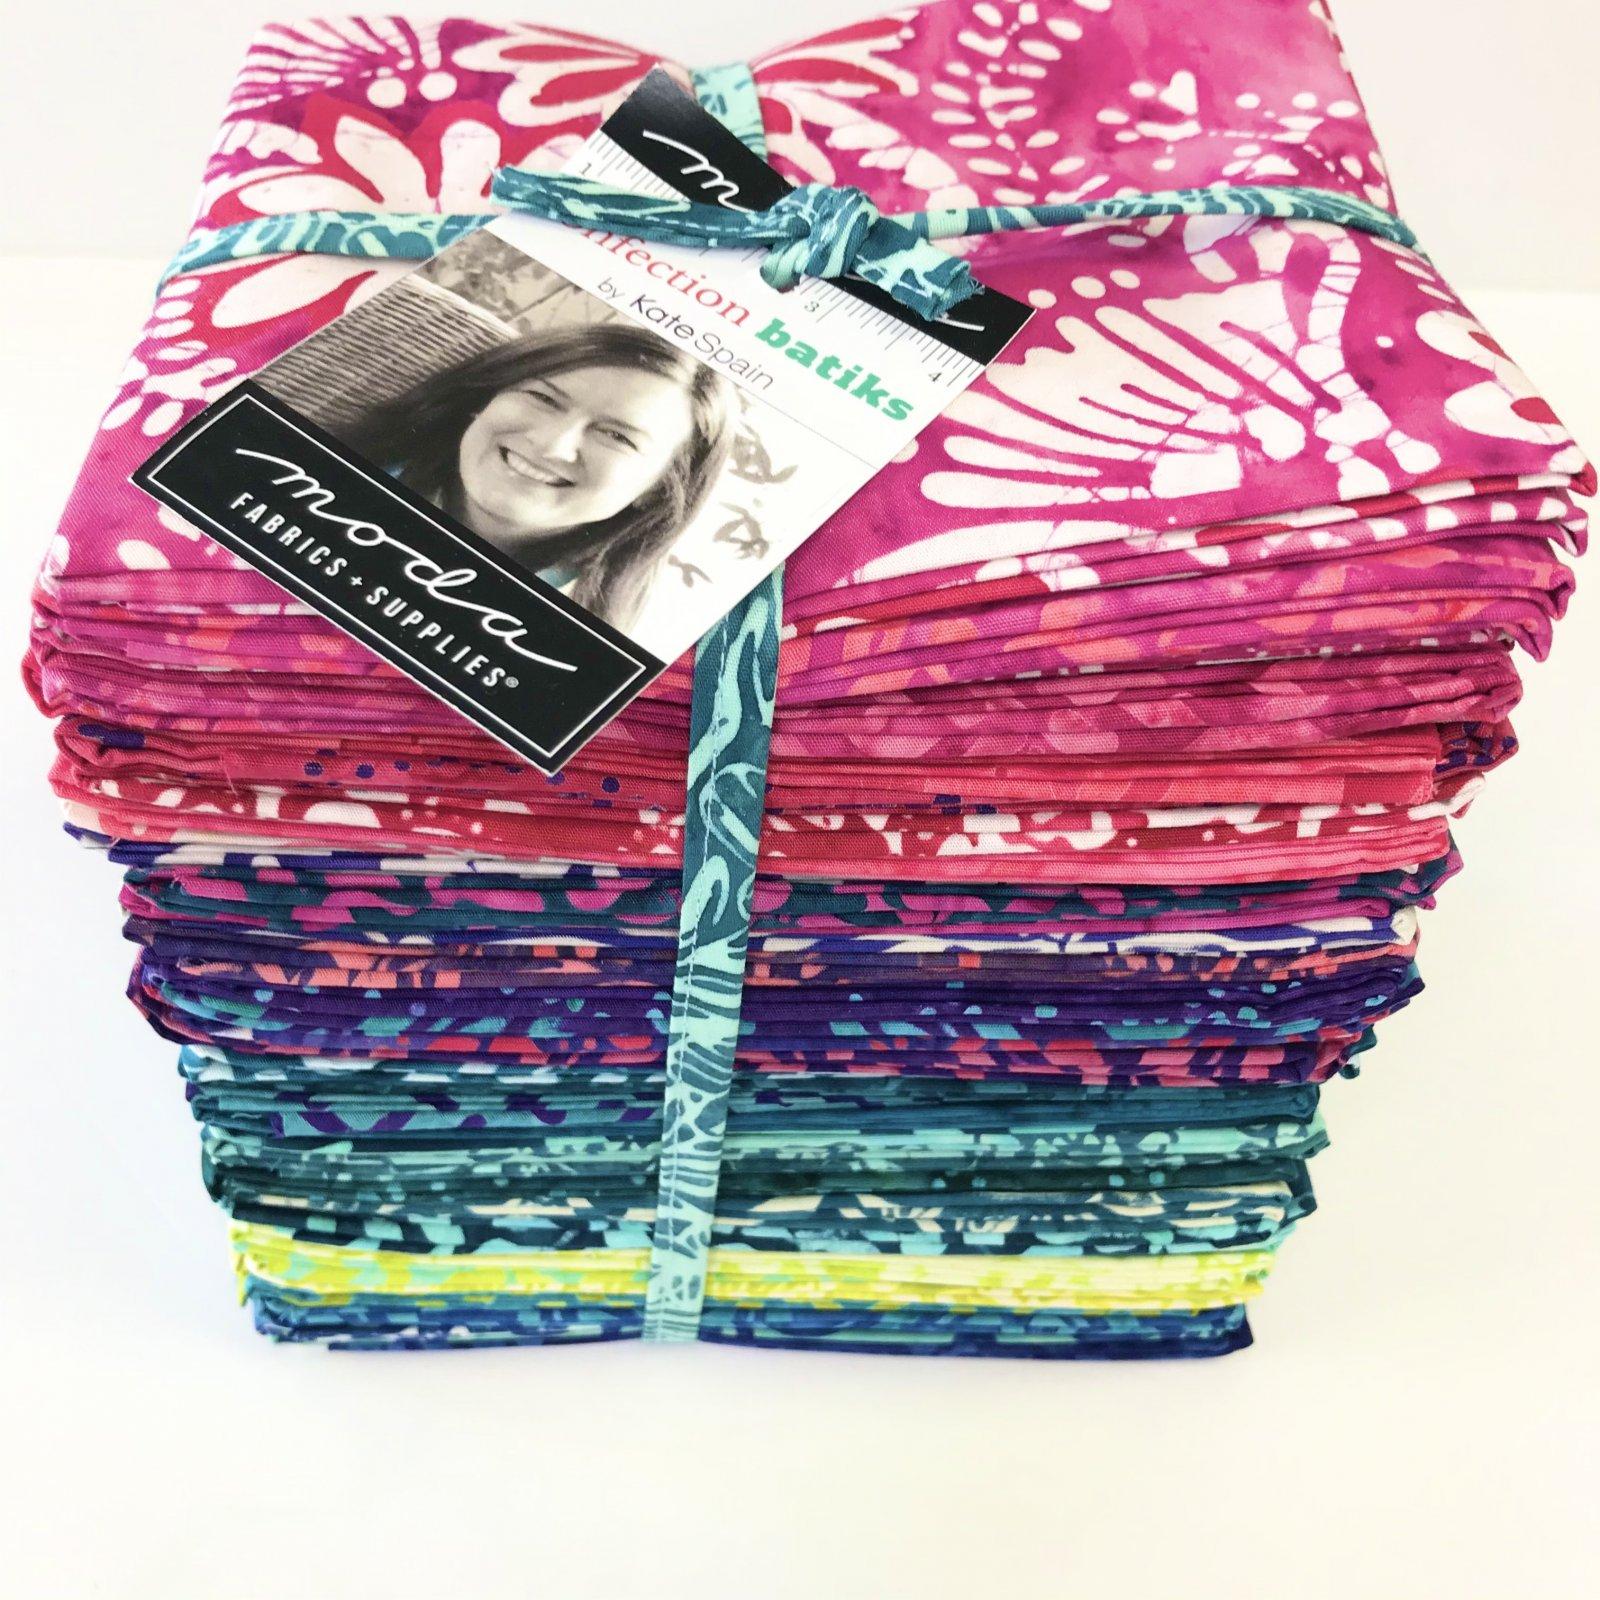 Confection Batiks By Kate Spain for Moda - 40 Fat Quarter Bundle